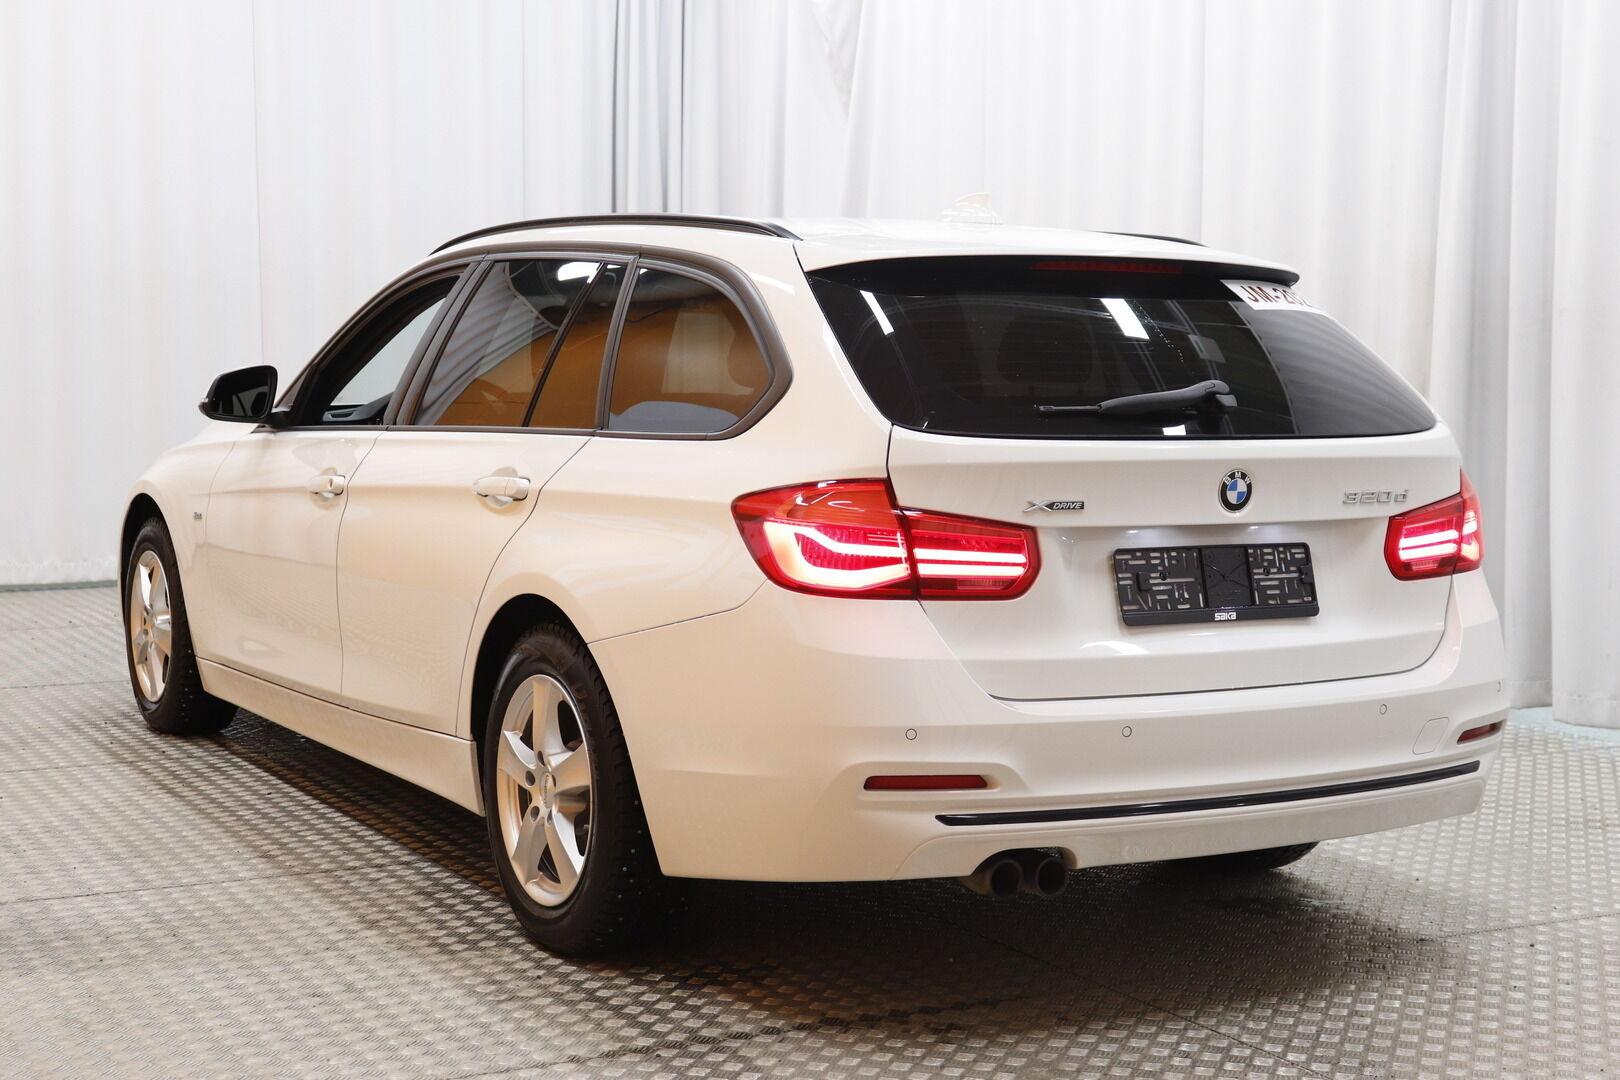 Valkoinen Farmari, BMW 320 – KUO-99506, kuva 5